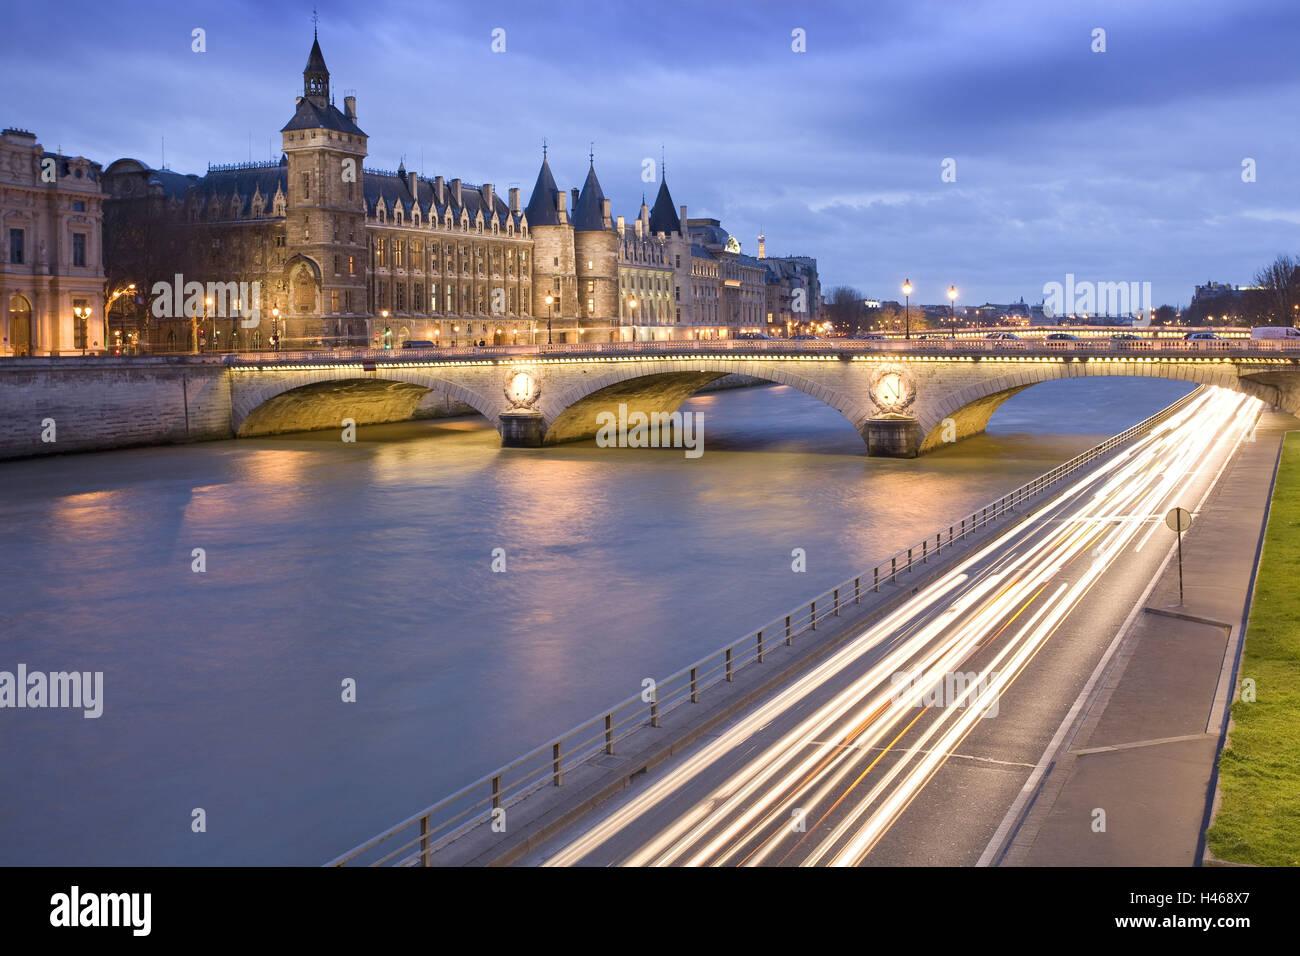 France, Paris, Palais de Justice, Conciergerie, Pont au Change, Seine, evening, street, light trails, - Stock Image